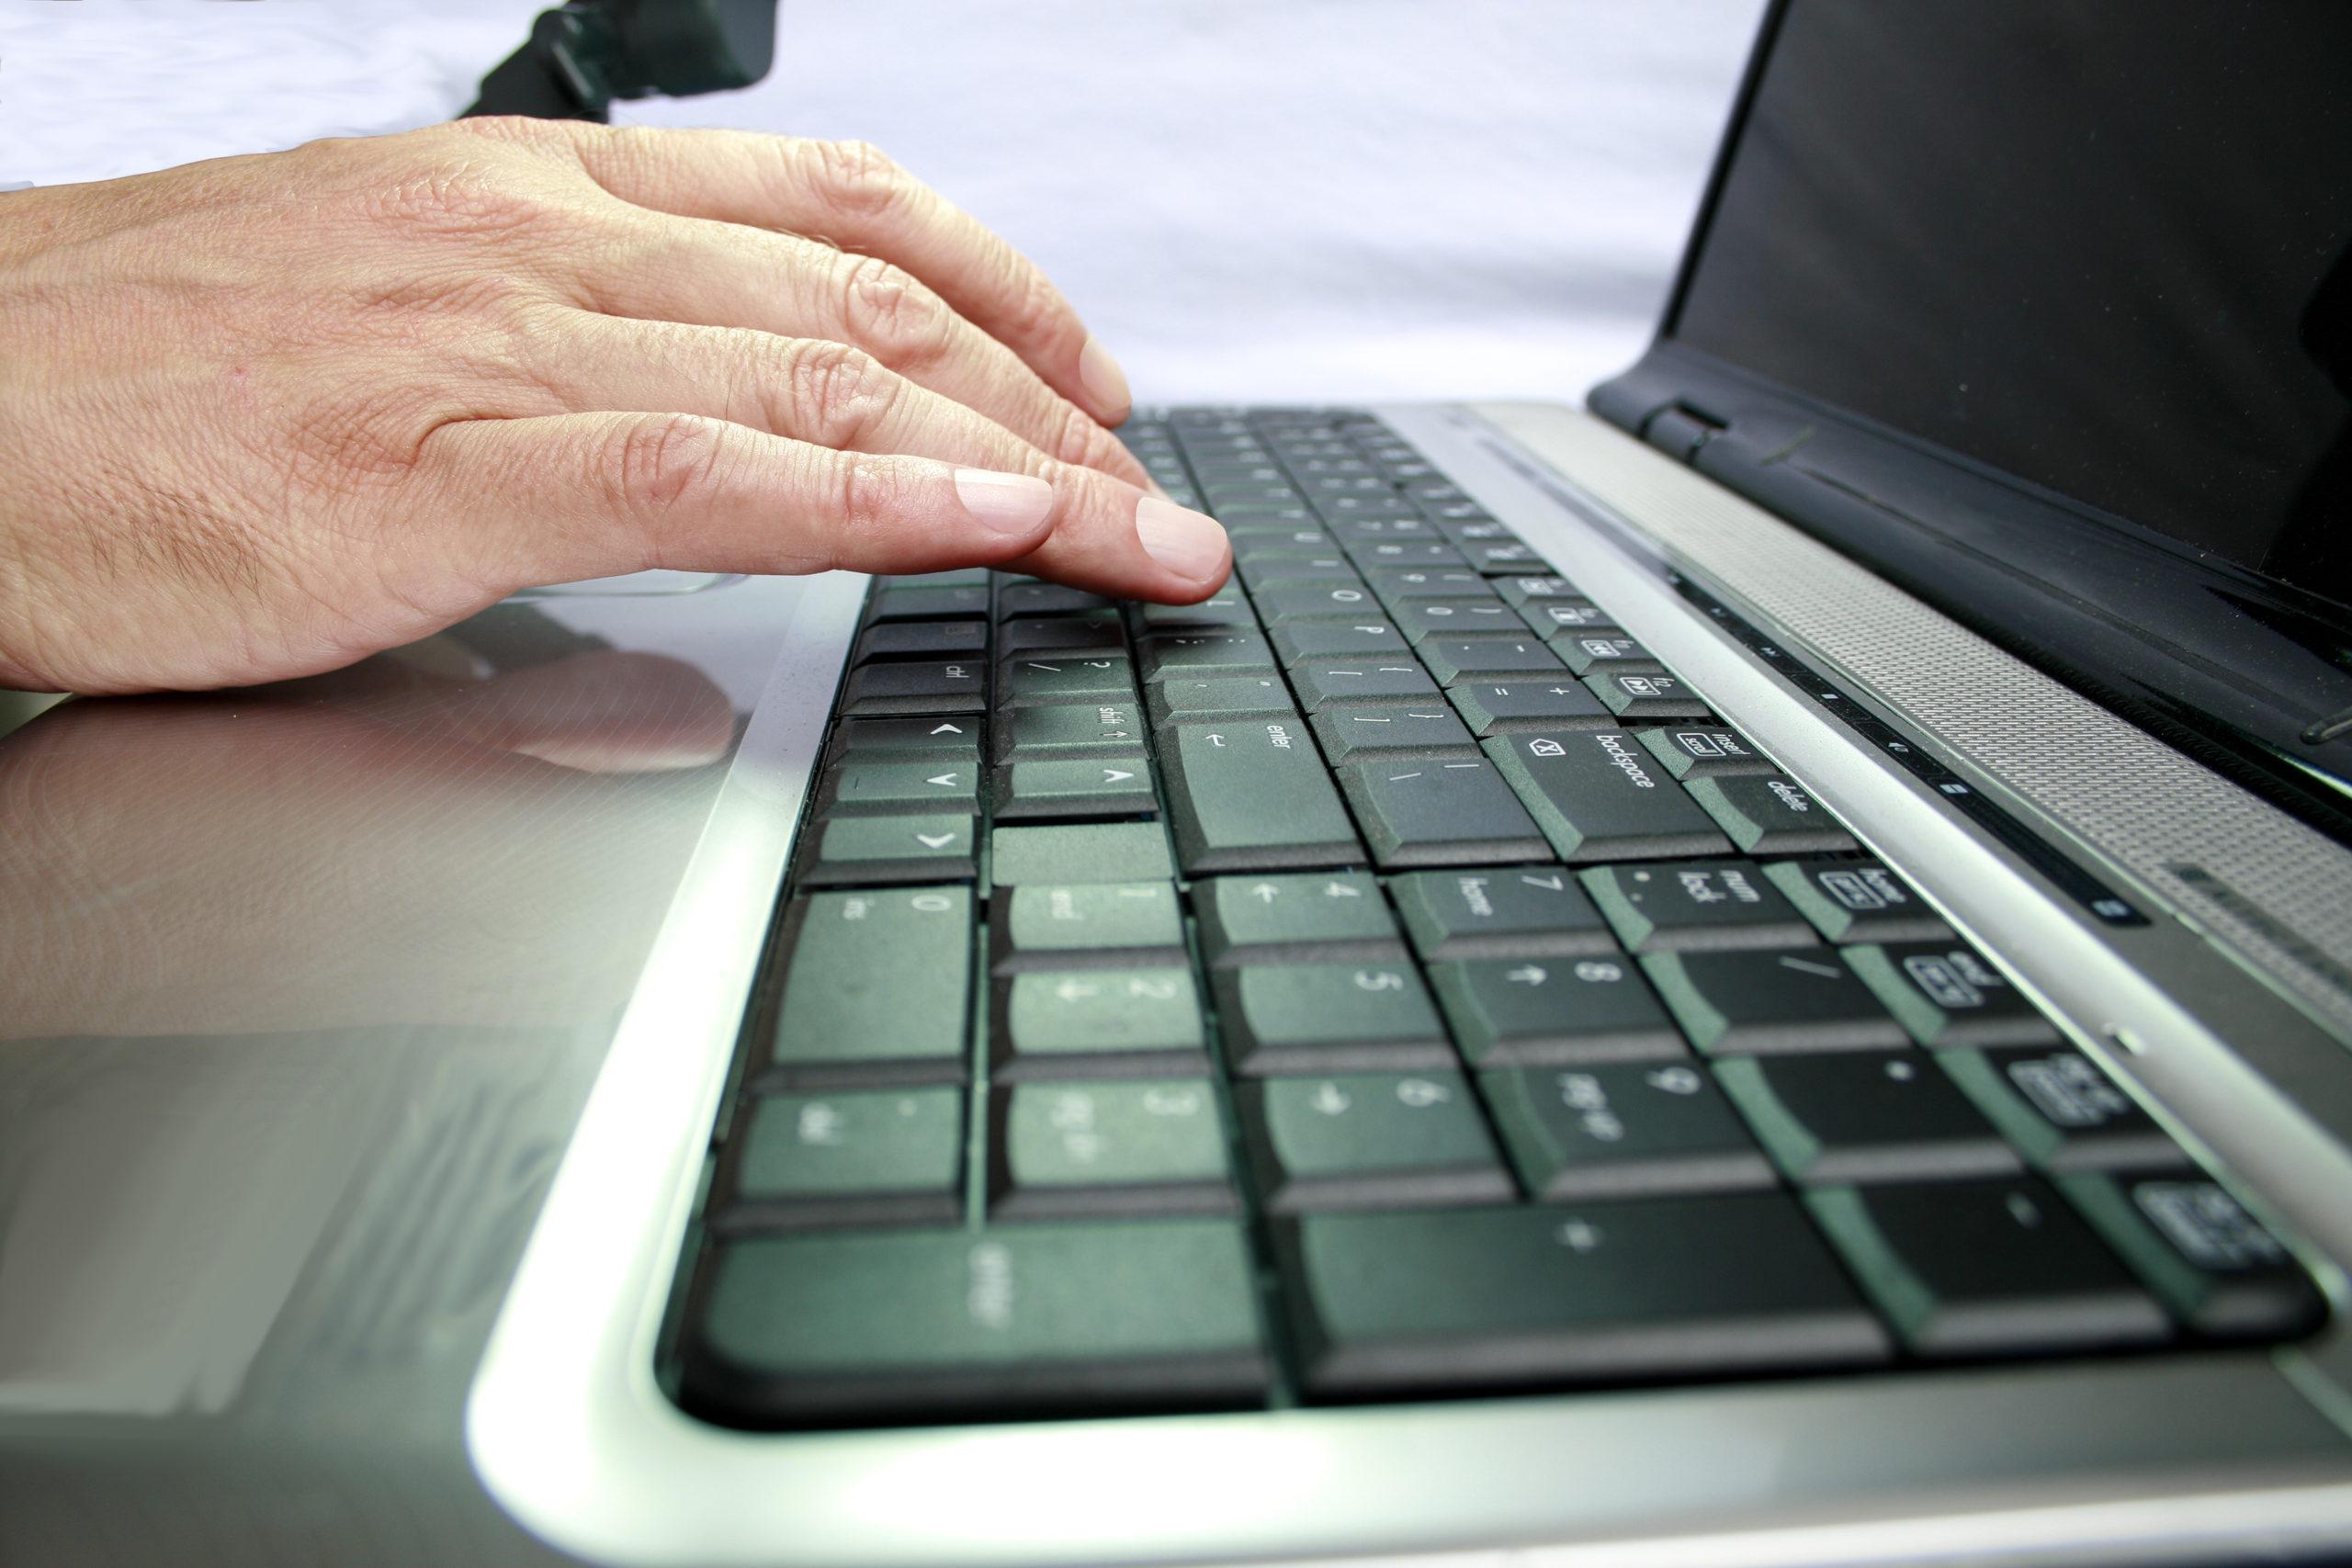 Чешская Республика занимает 23-е место в мире по условиям онлайн-бизнеса